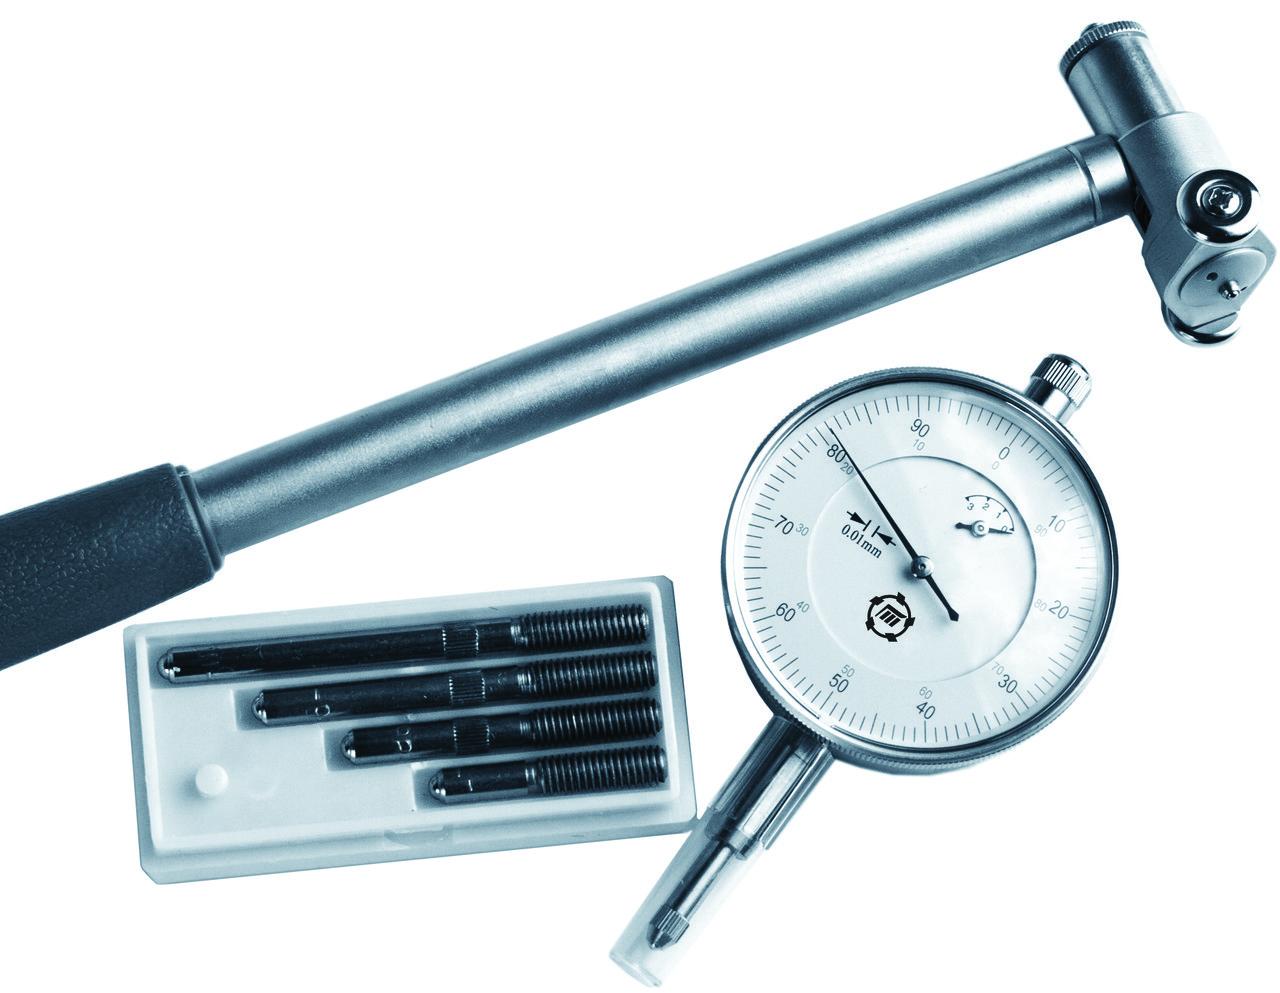 Нутромер НИ 450-700 0.01 мм, индикаторный (Туламаш) - Измерительный и металлорежущий инструмент в Киеве